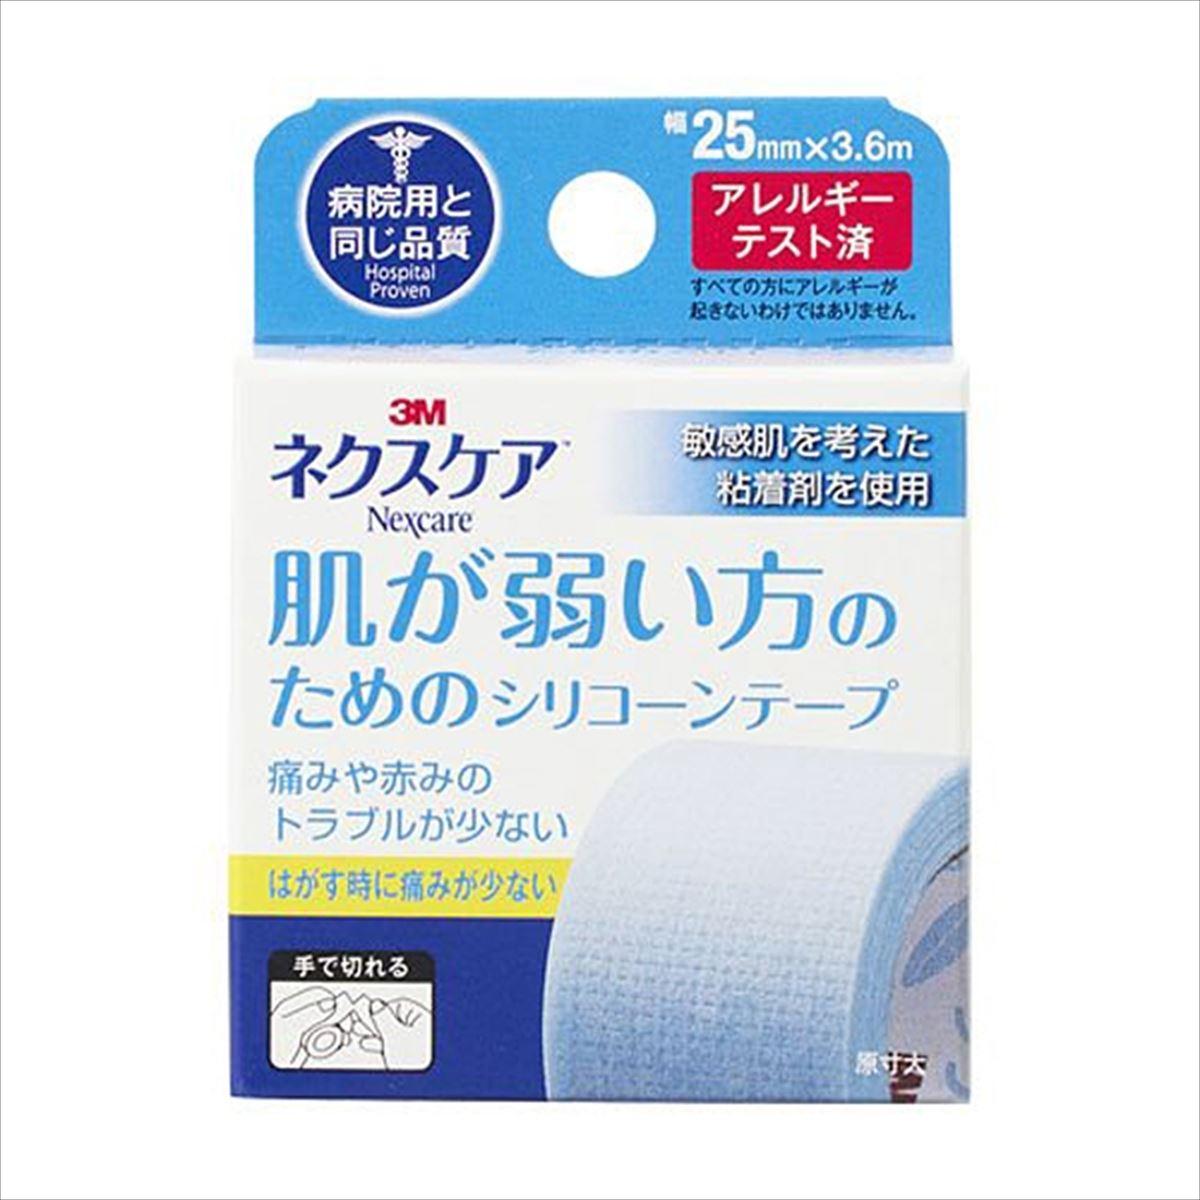 3M ネクスケア 肌の弱い方用 シリコーンテープ 25mm